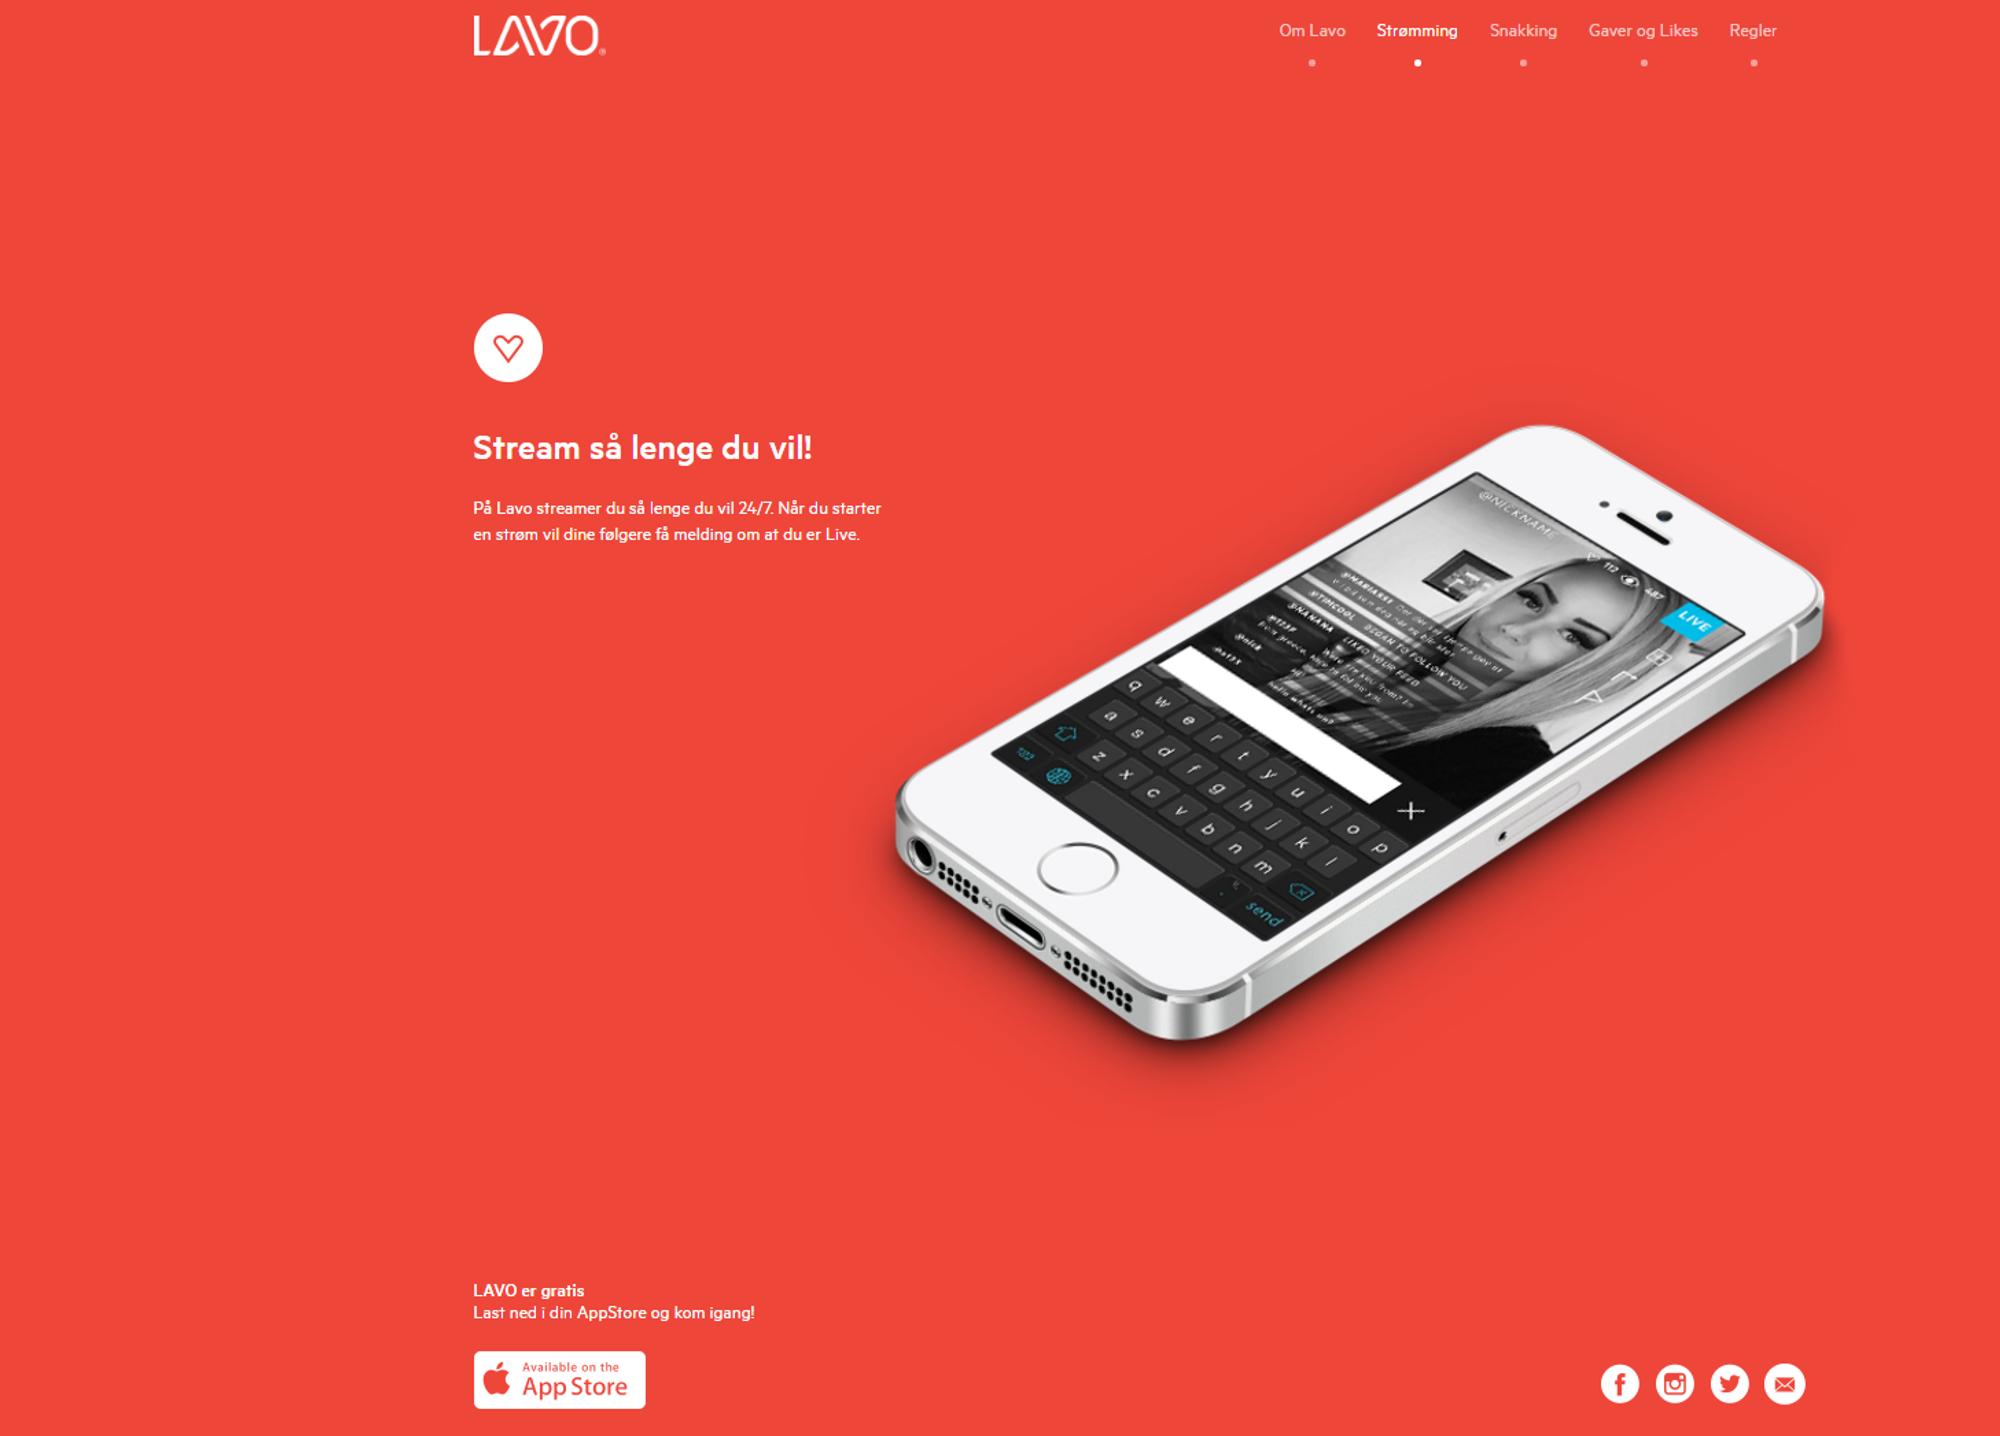 Lavo fungerer for alle mobile enheter, og lar deg ved noen få tastetrykk streame direkte til folk i hele verden. Målsetningen for den norske tjenesten er å kapre markedsandeler fra Youtube.